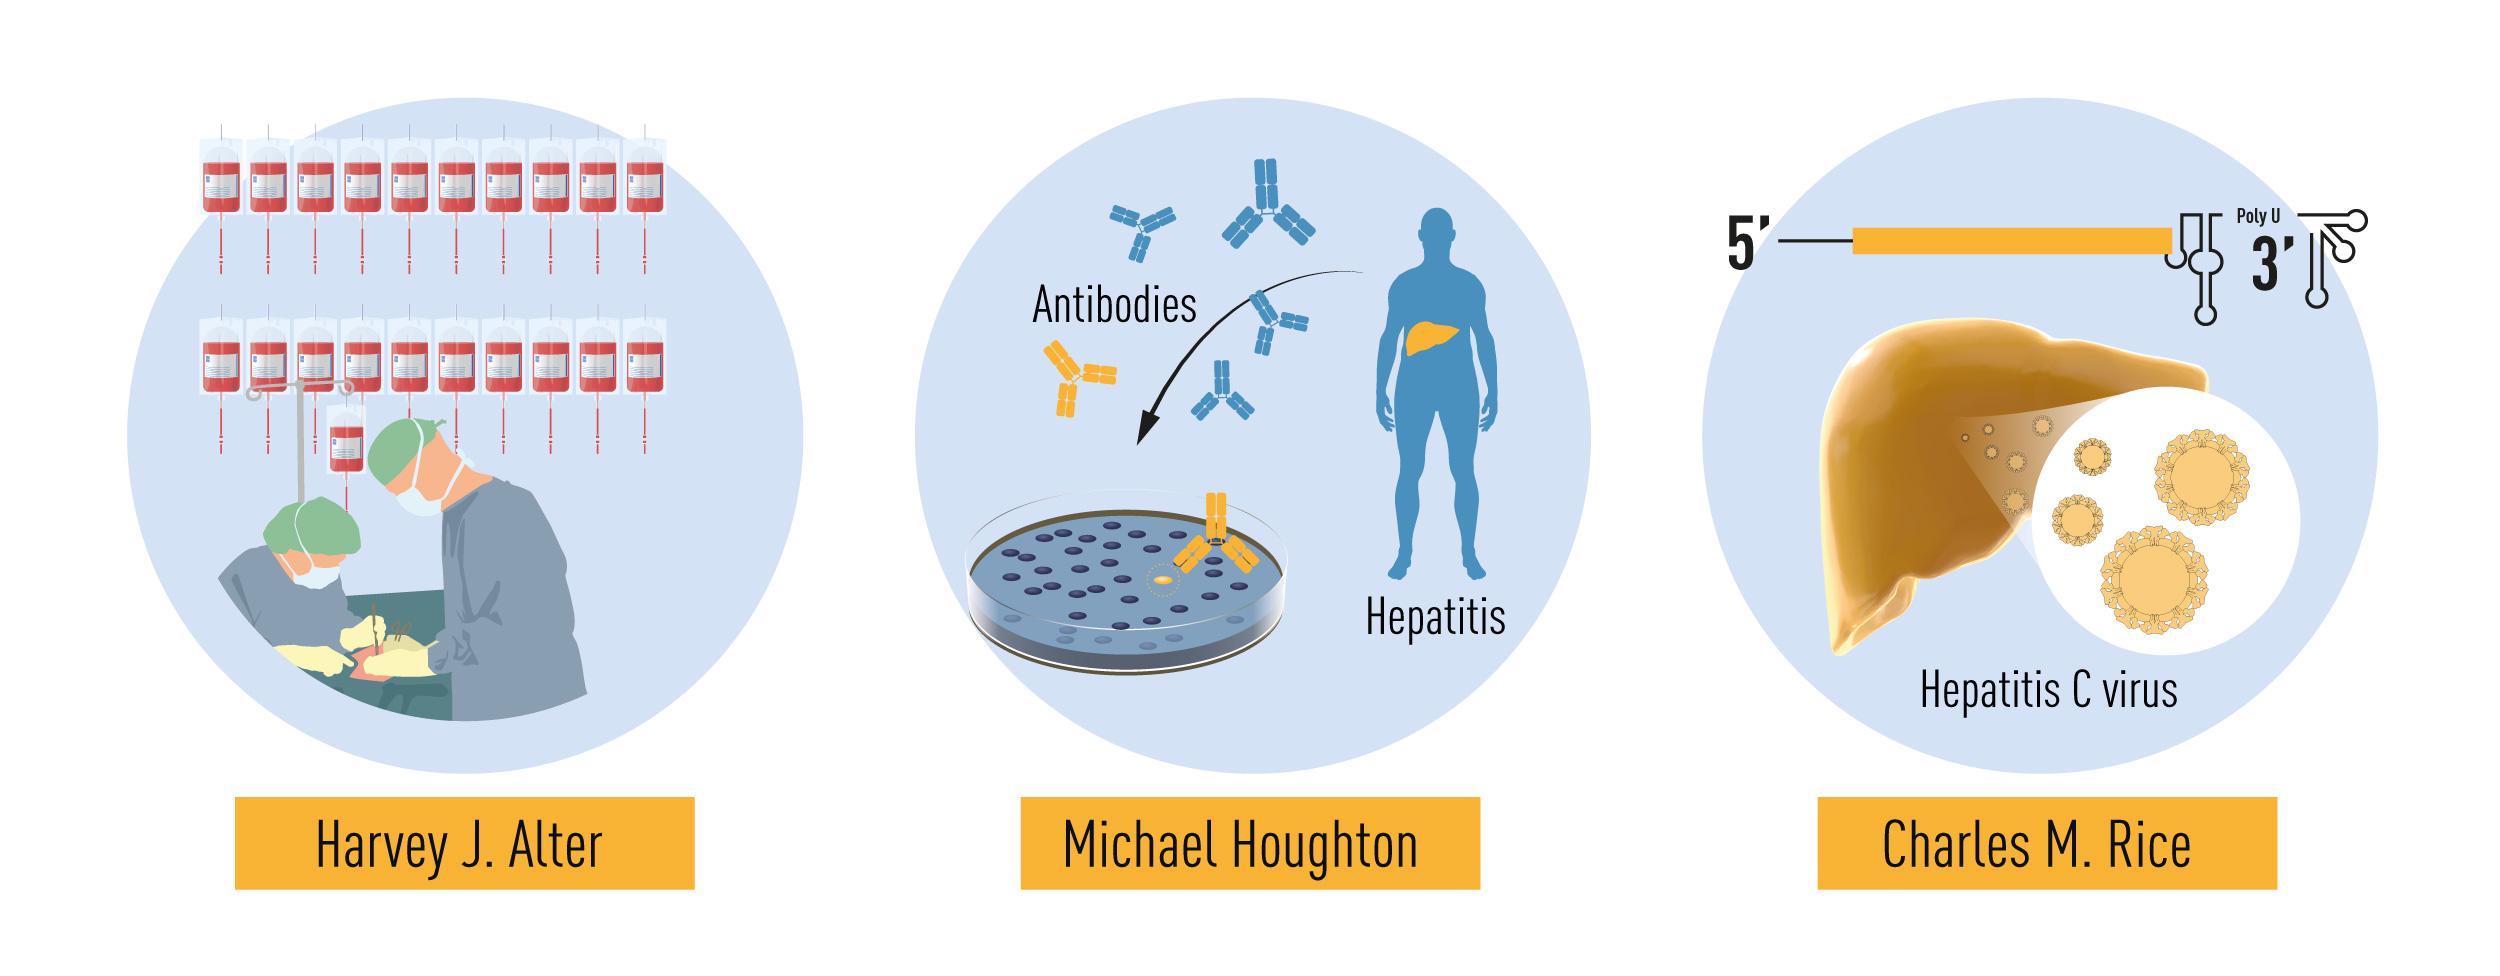 تلخيص للاكتشافات التي كوفئت بجائزة نوبل هذه السنة. الدراسات المنهجية لالتهاب الكبد المرتبط بنقل الدم التي أجراها هارفي آلتر وأظهرت أن فيروسًا غير معروف كان سببًا شائعًا لالتهاب الكبد المزمن. أبحاث مايكل هيوتون التي استخدم فيها استراتيجية جديدة لعزل جينوم الفيروس المسمى فيروس التهاب الكبد C. وأخيرًا تقديم تشارلز رايس الدليل النهائي الذي يبين أن فيروس التهاب الكبد C قد يسبب التهاب الكبد وحده